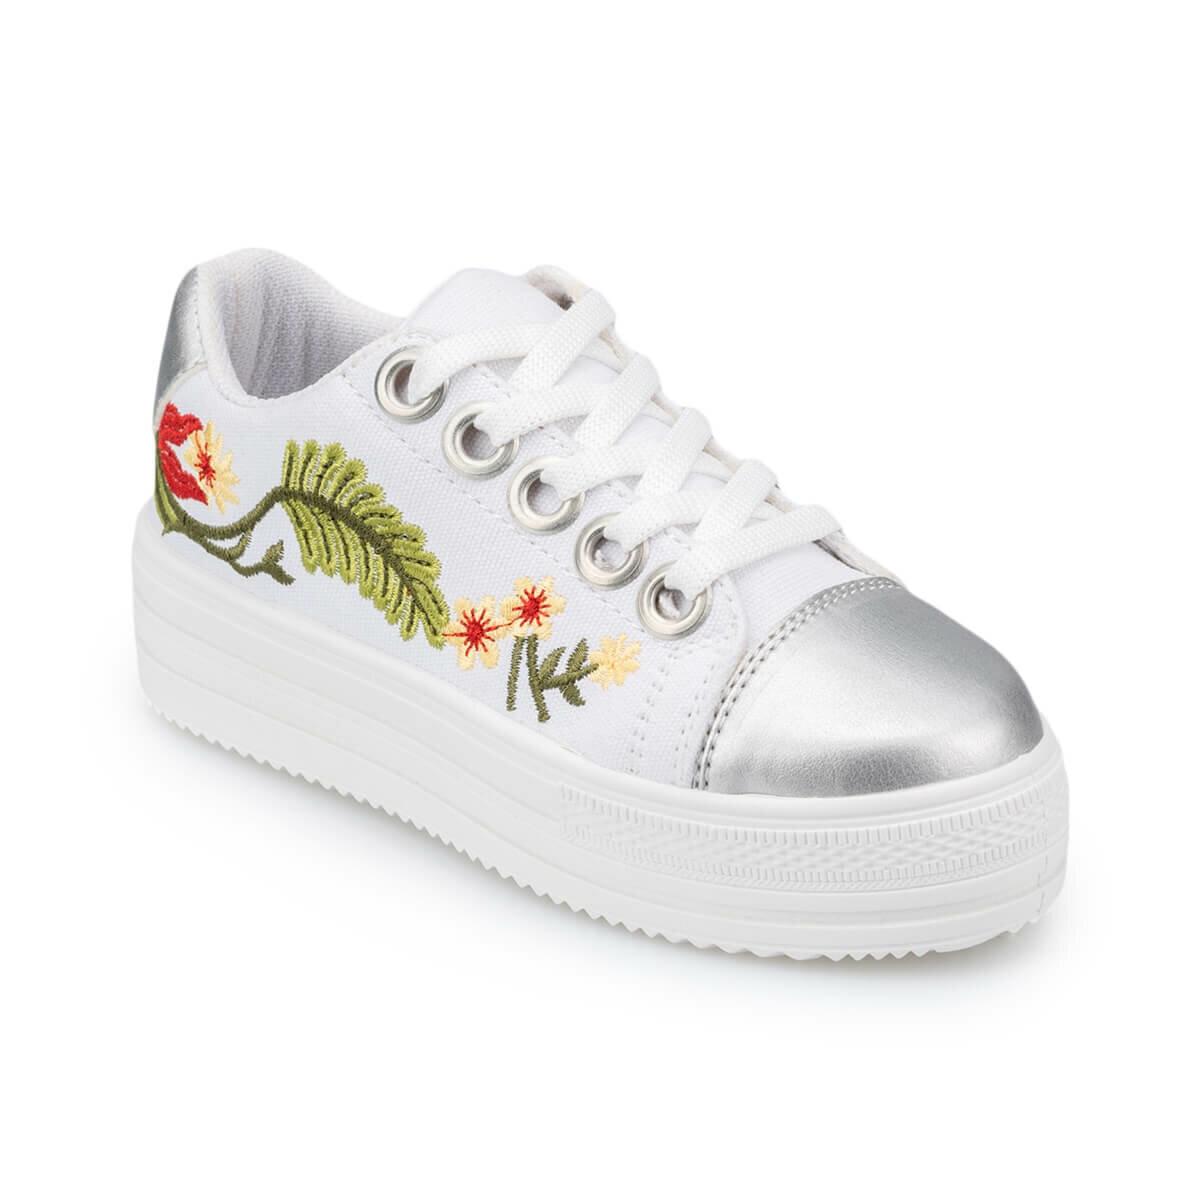 FLO 91. 511429.F White Female Child Shoes Polaris